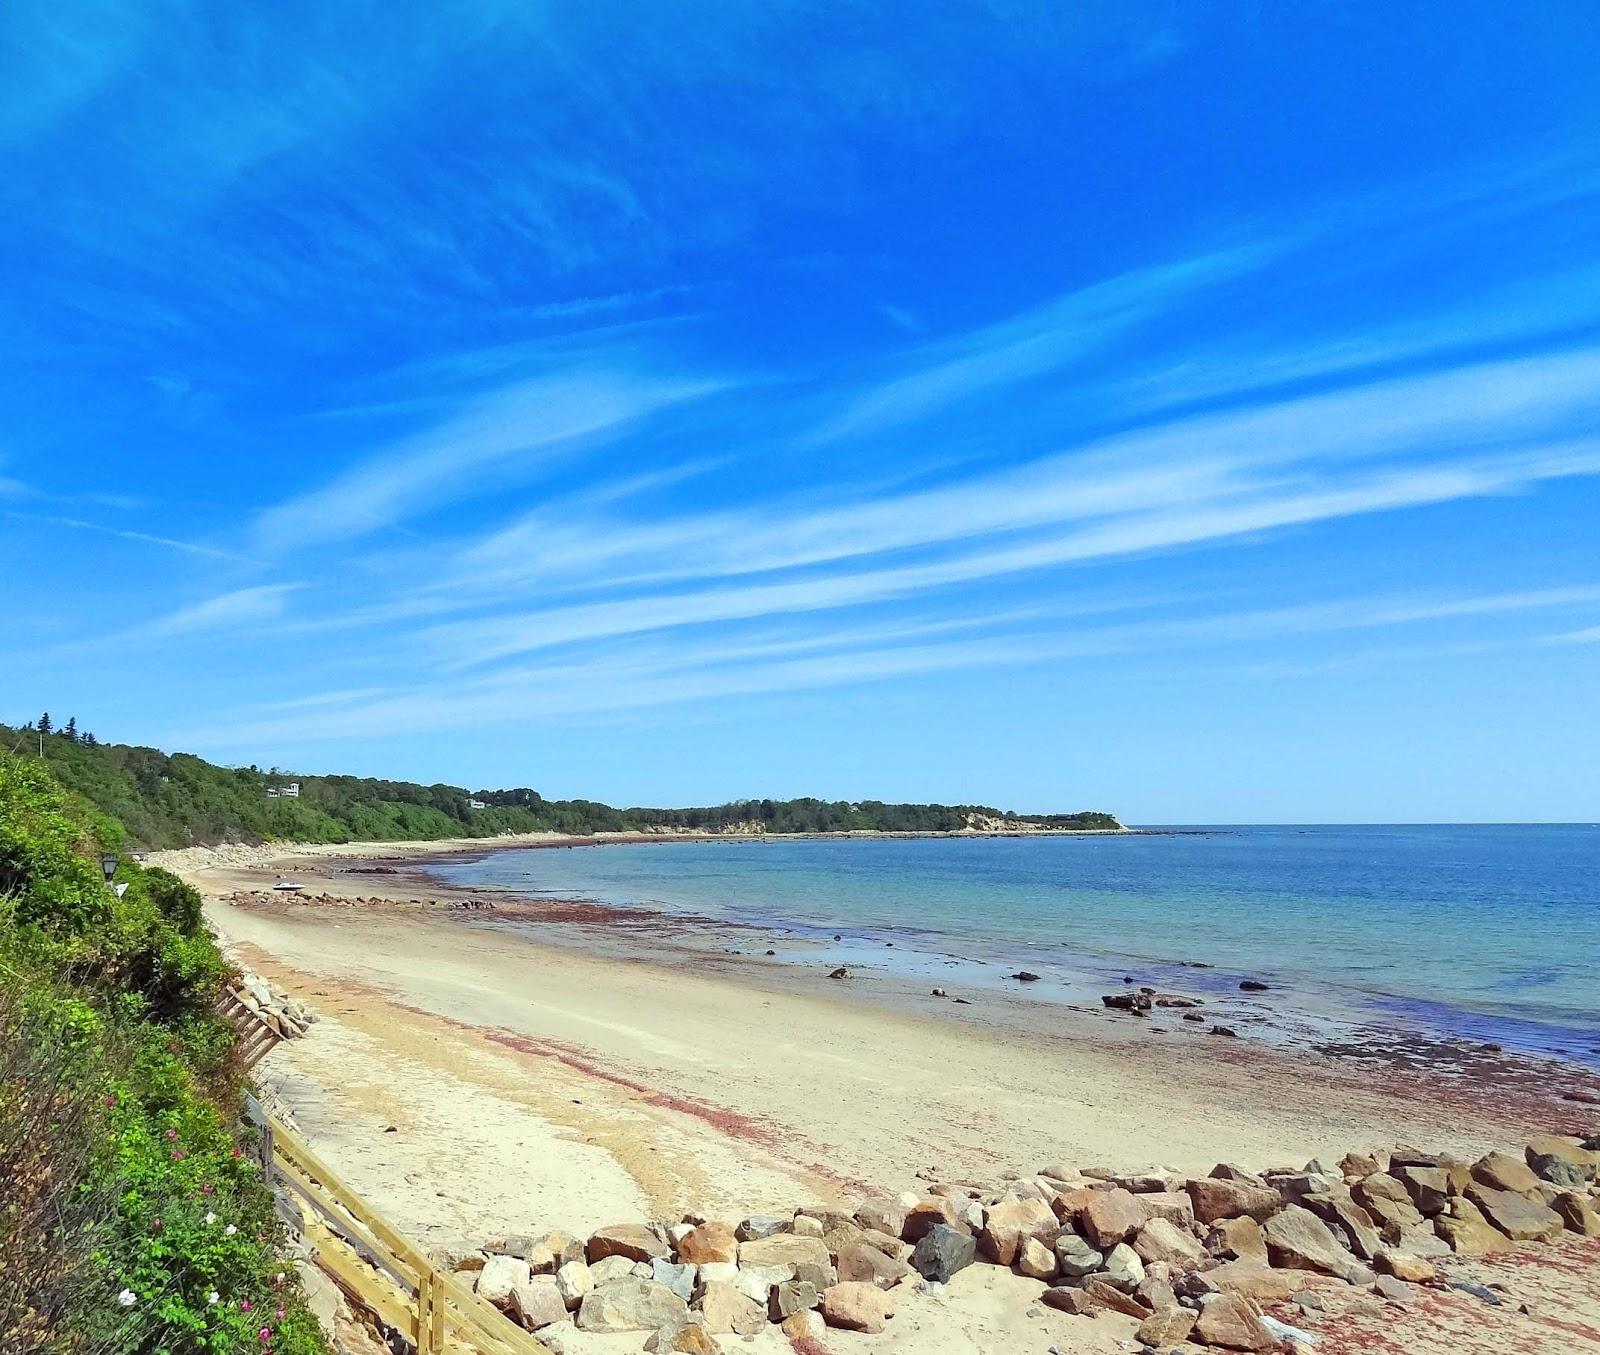 Joe S Retirement Blog Three Days Three Beaches Plymouth